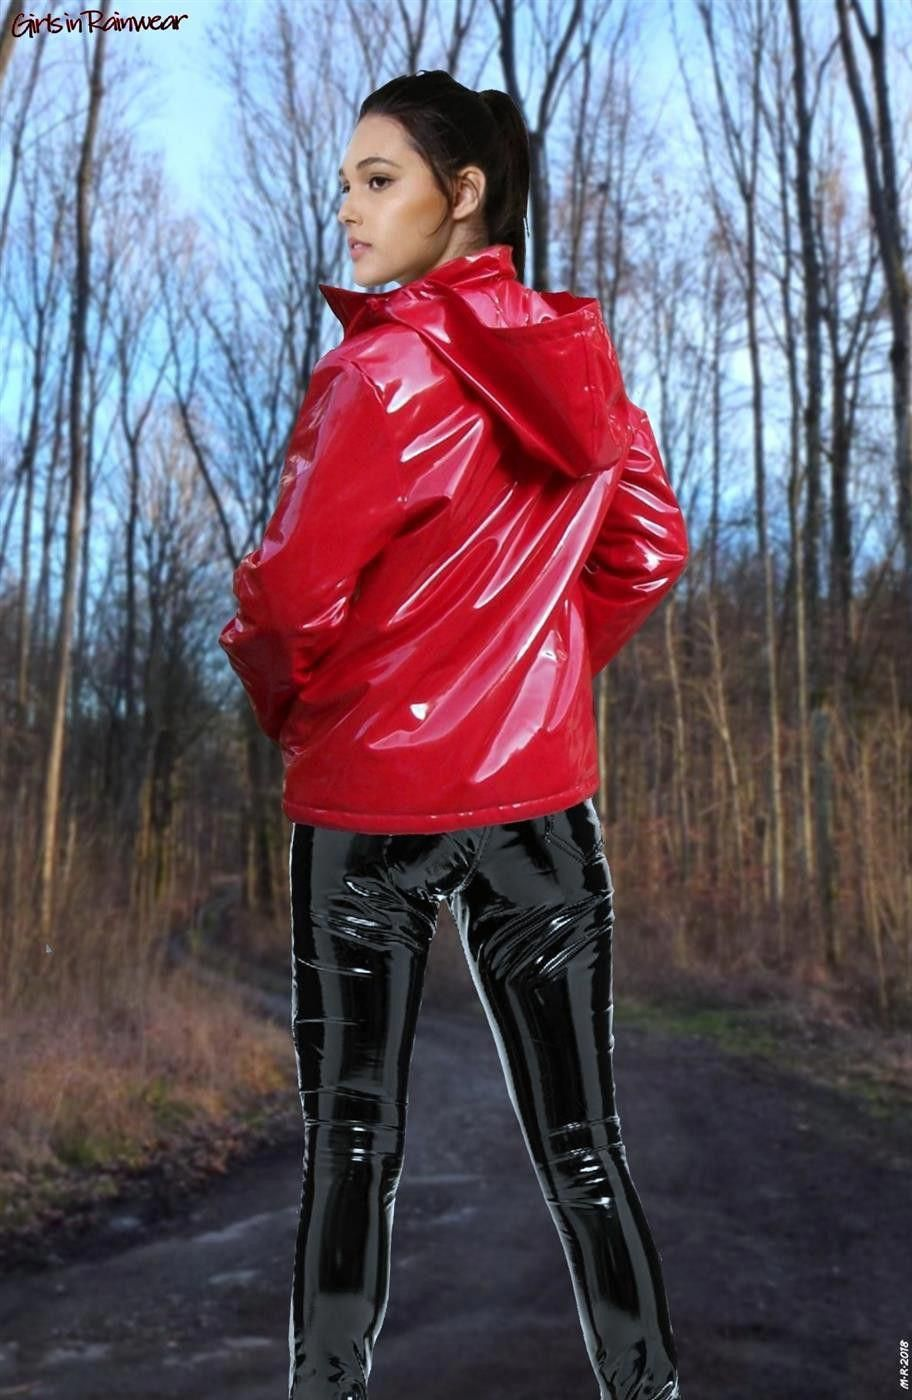 Vinyl Regenjacke in Rot   Shiny PVC and Latex Pants in 2019